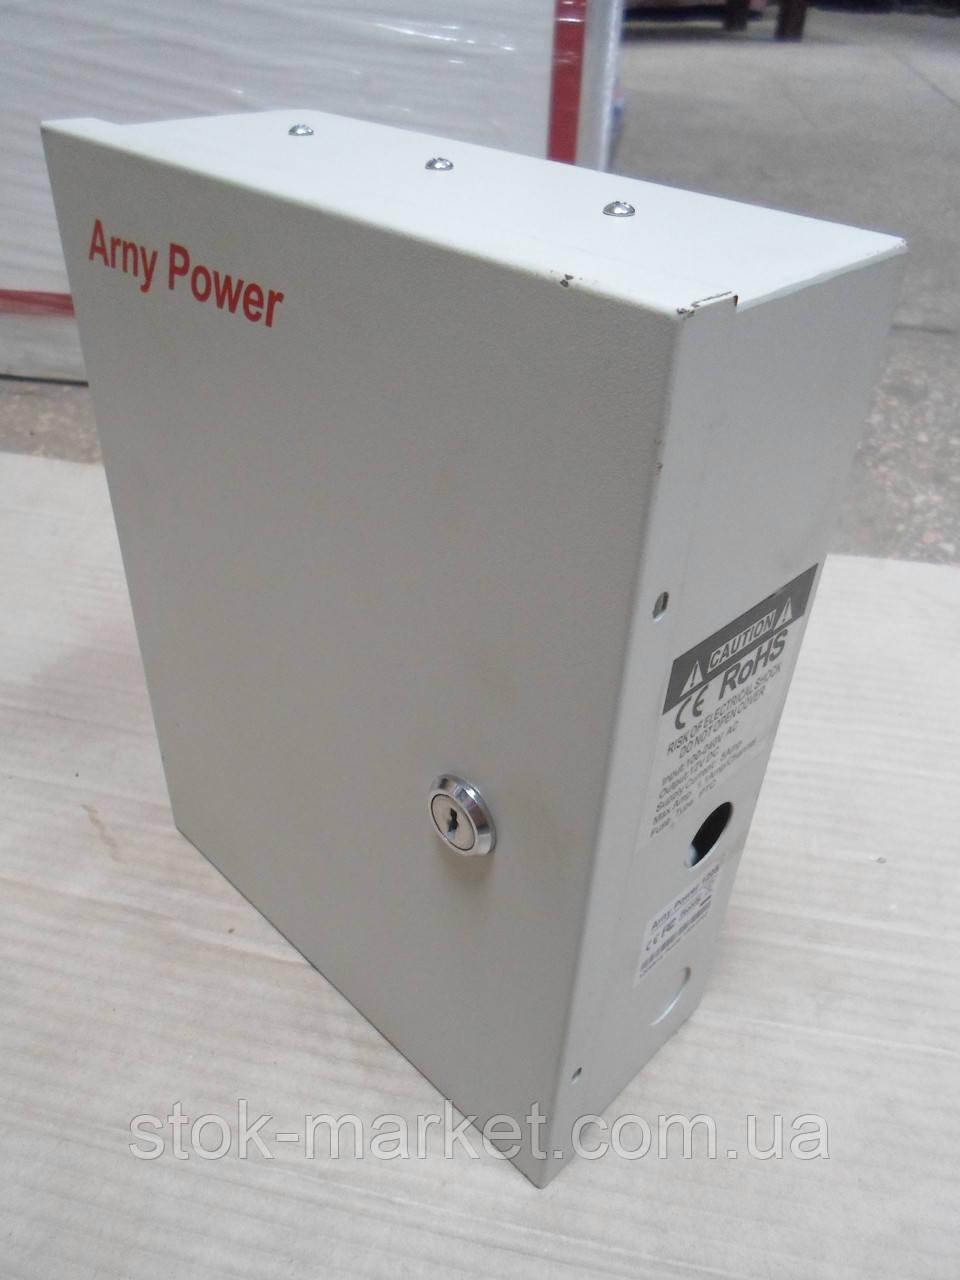 Источник бесперебойного питания Arny Power 1205 б/у, Источники питания б/у, блоки бесперебойного питания б у,